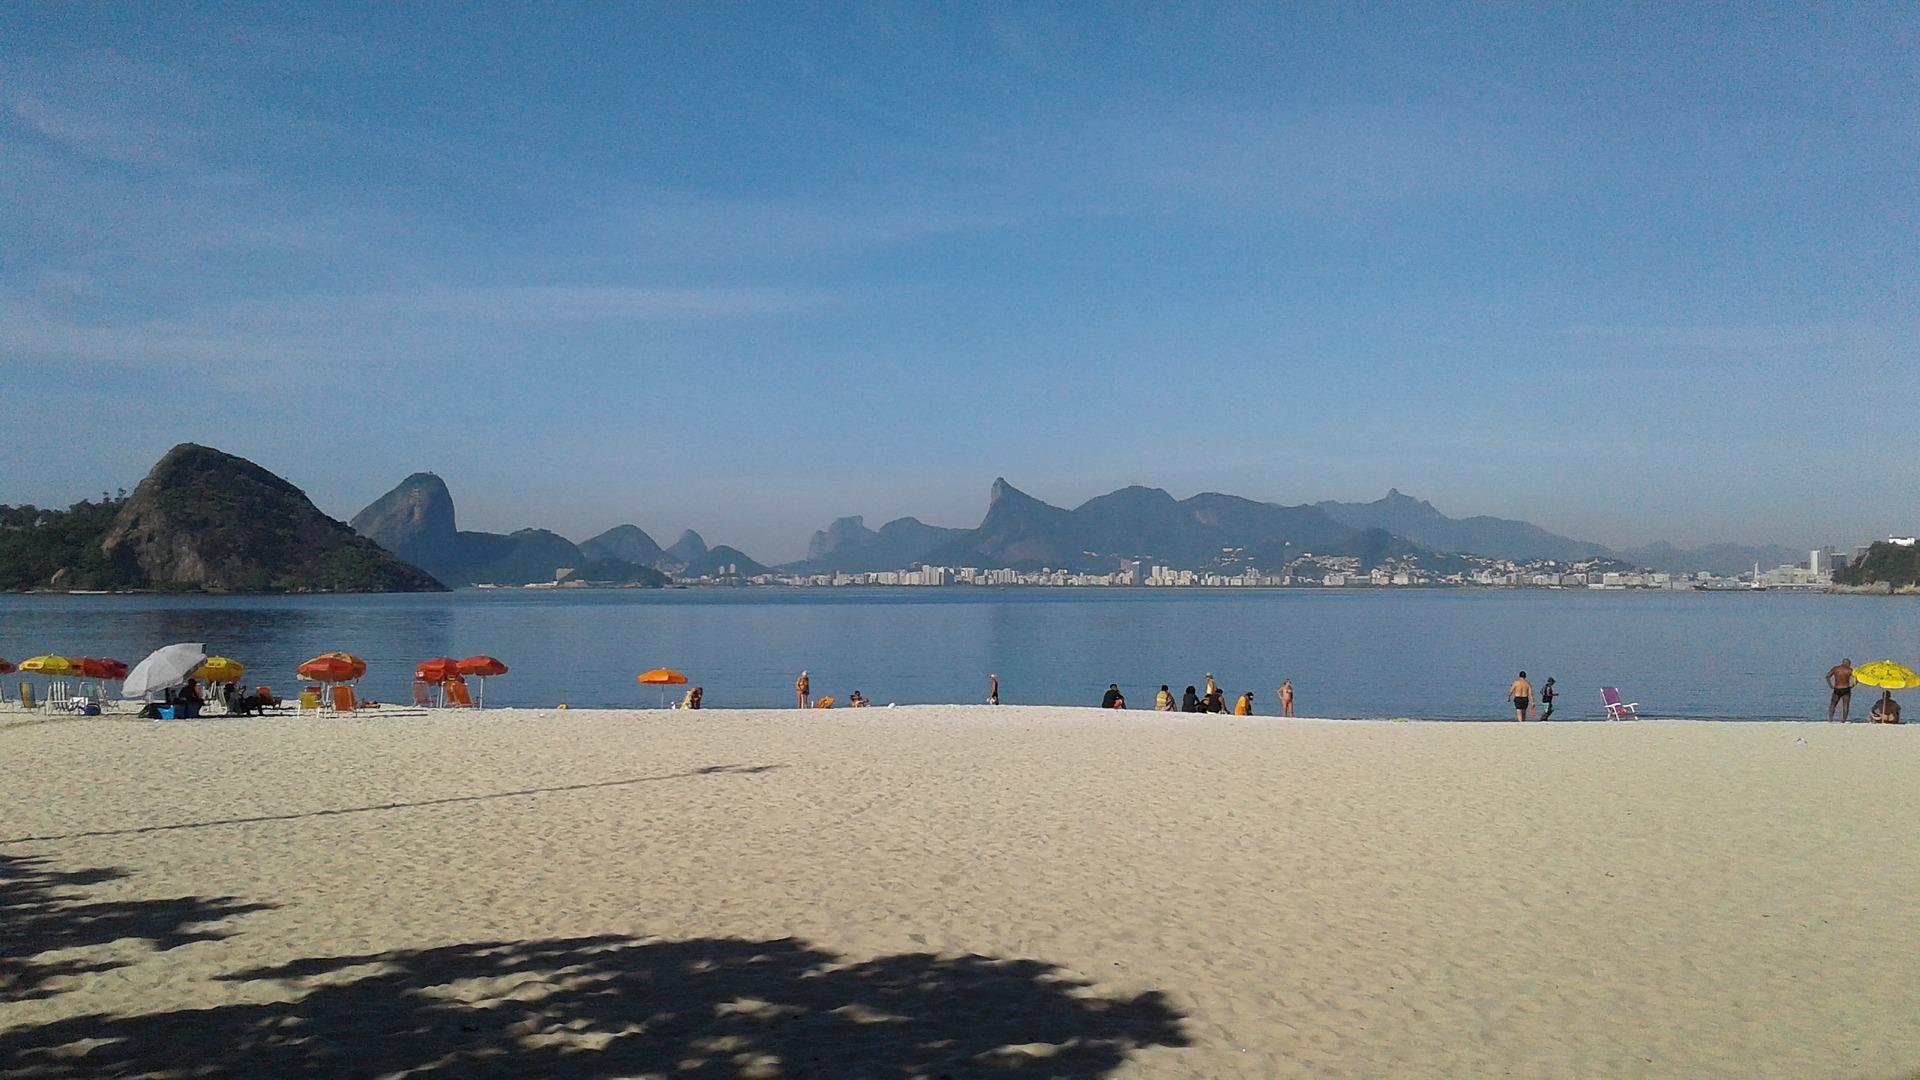 Coronavírus: prefeitura de Niterói, no RJ, fechará praias